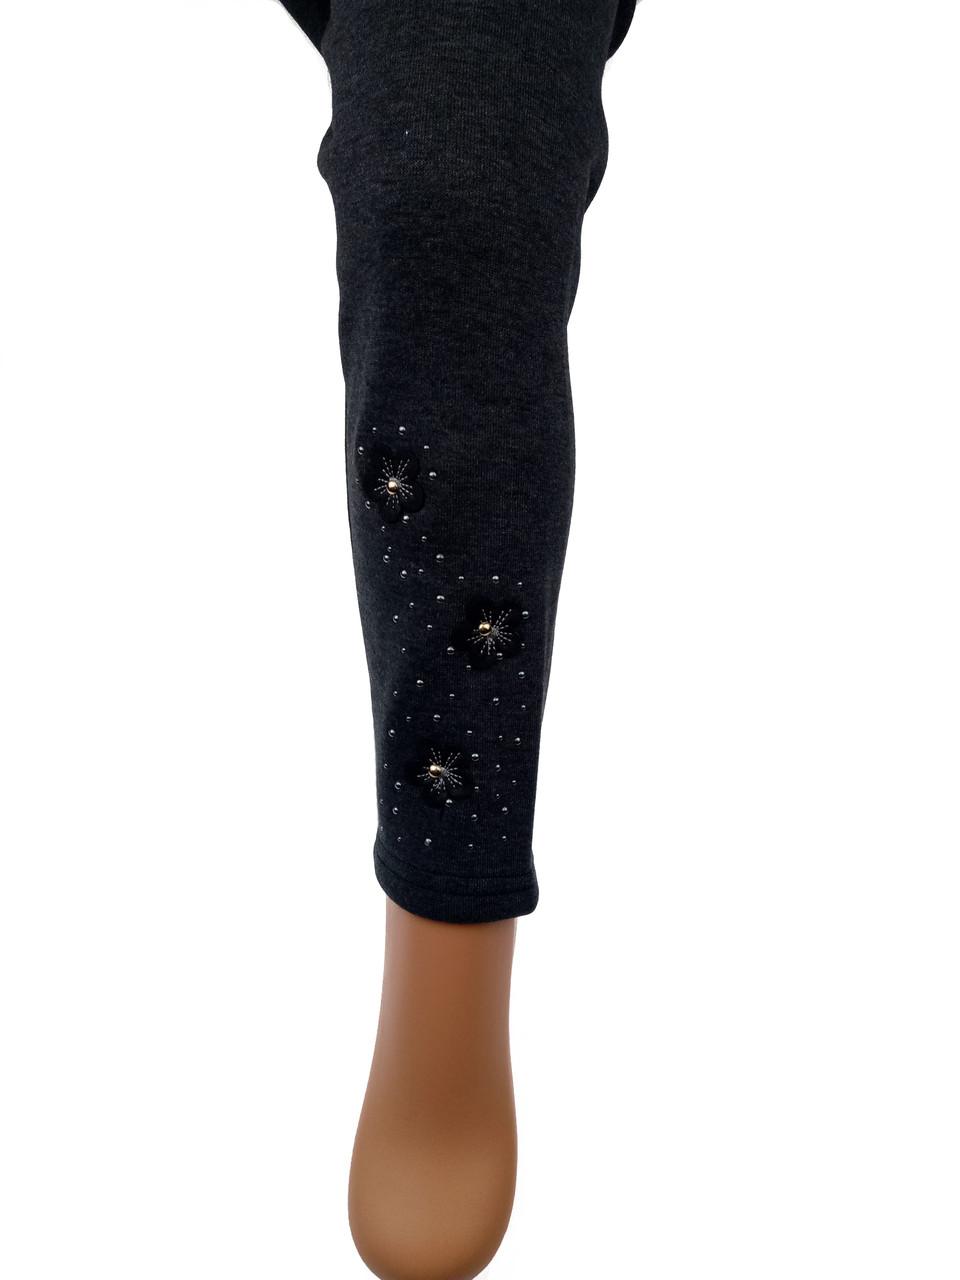 Серые теплые лосины на девочку с цветами - «Skye» - магазин ярких  впечатлений для 32901107e6e95